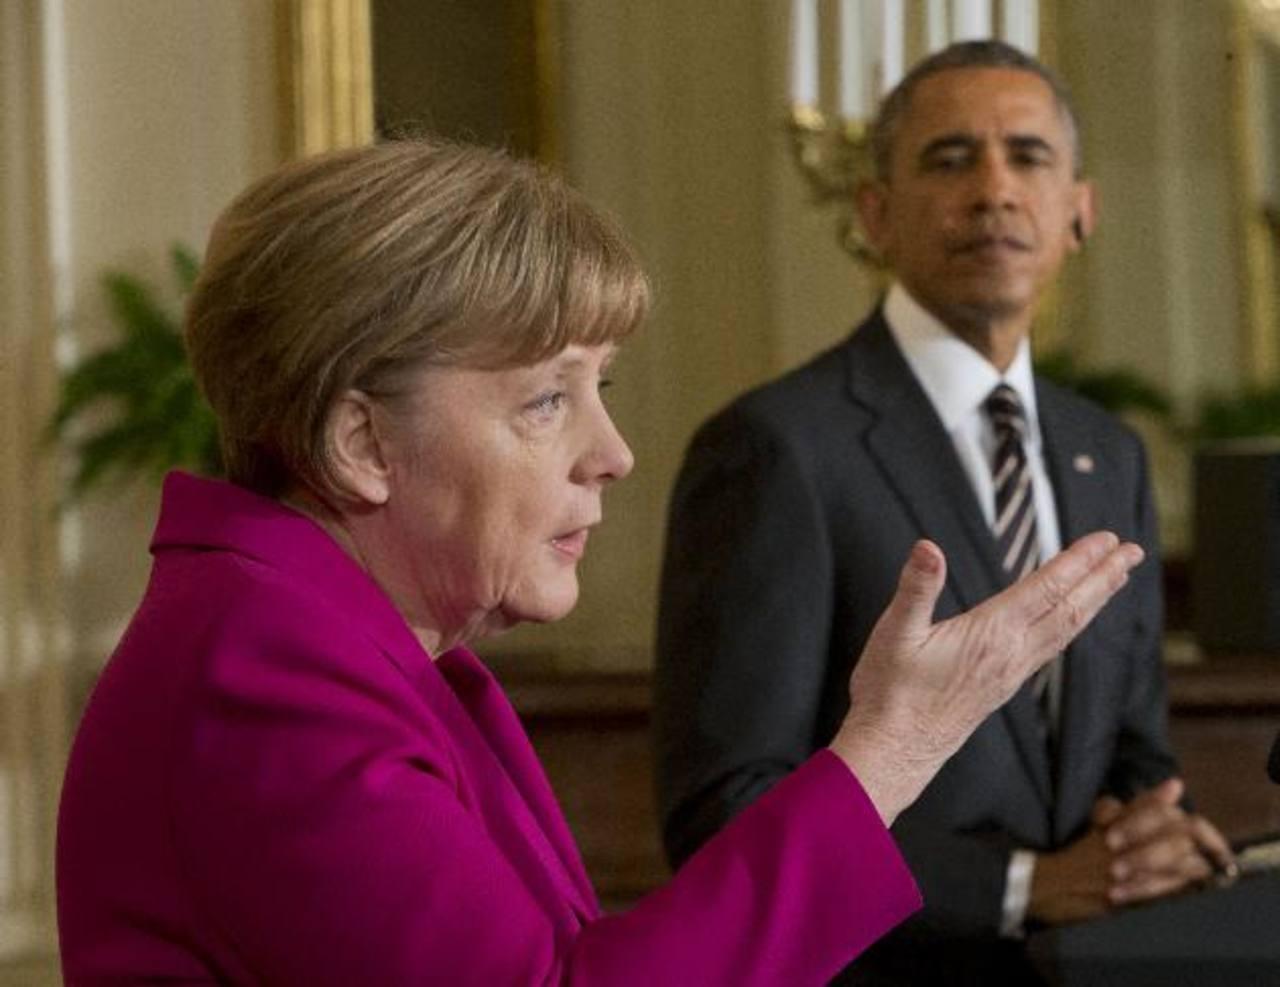 La canciller alemana, Ángela Merkel, y el presidente estadounidense, Barack Obama (d), ante los medios tras su reunión en el Despacho Oval de la Casa Blanca. foto edh / ap